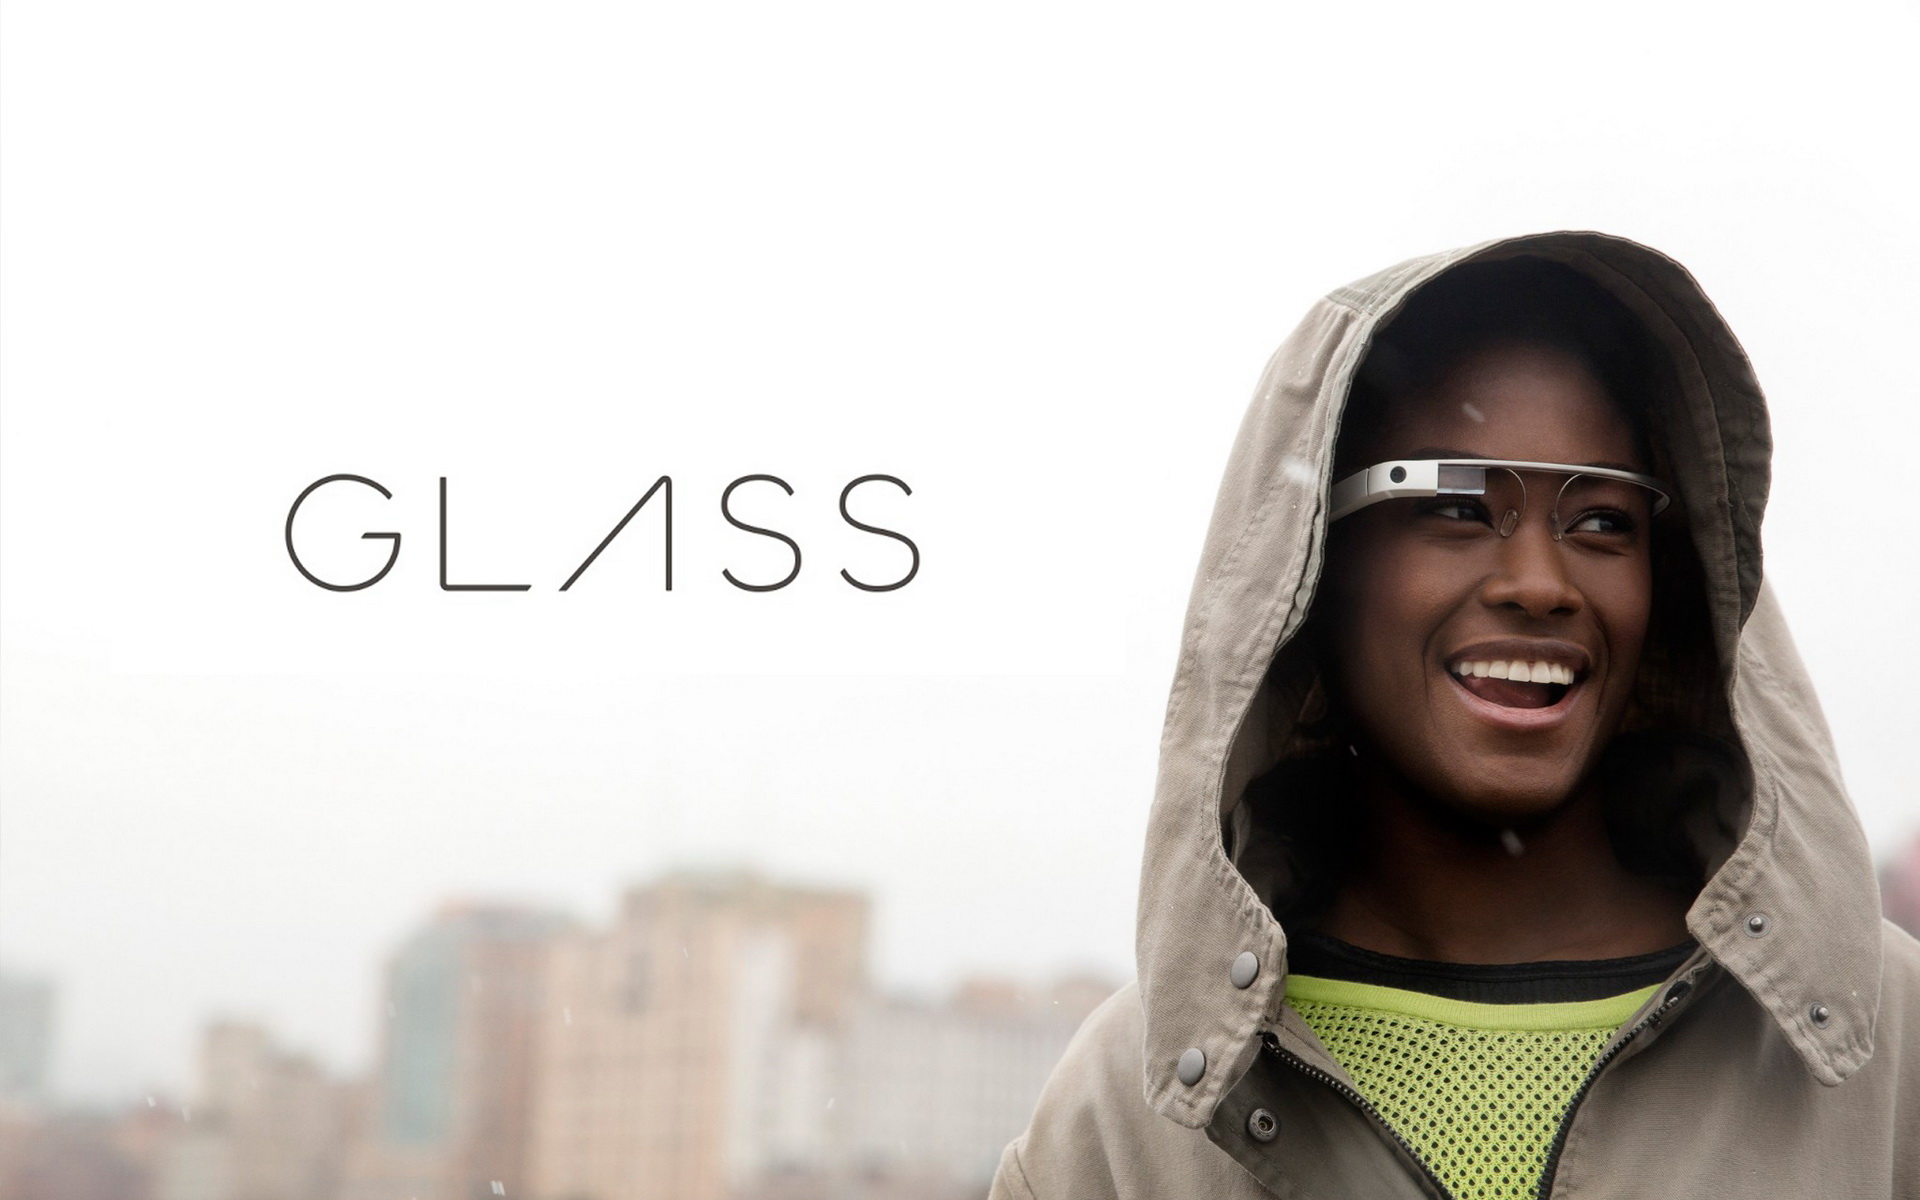 google glass echec annoncé